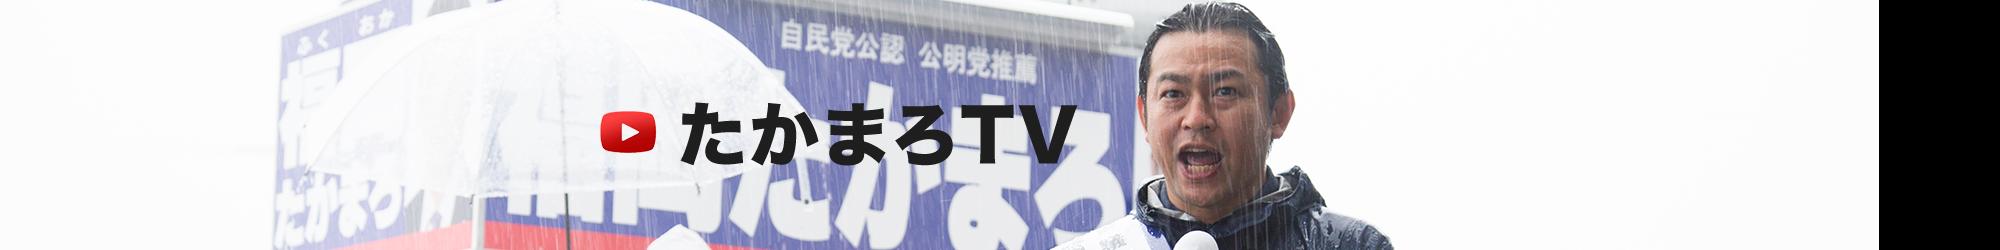 takamaro_tv_ban